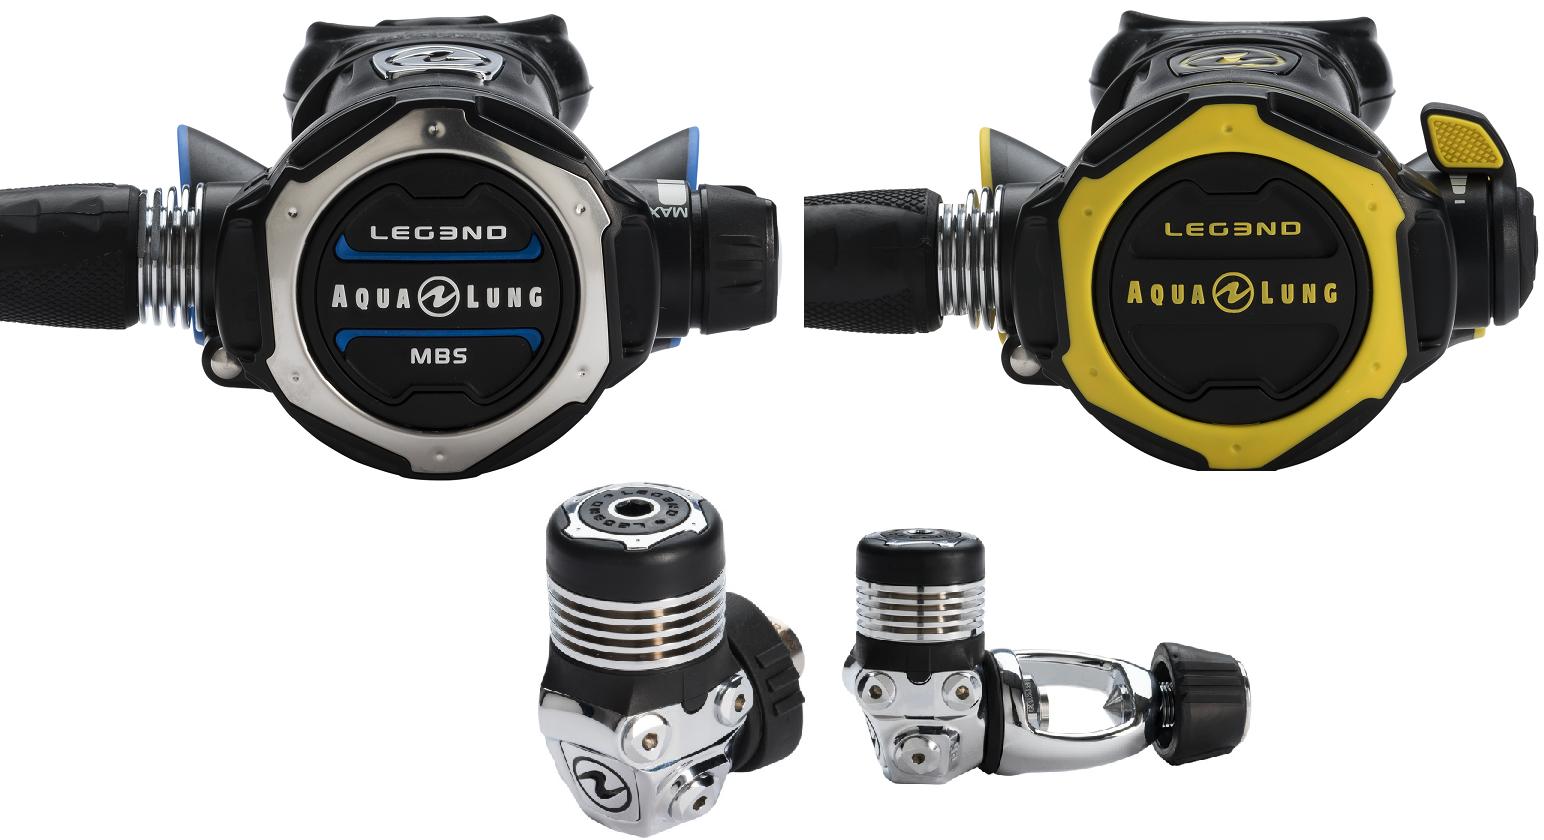 Aqualung Leg3nd MBS / Leg3nd Octopus Automatenset